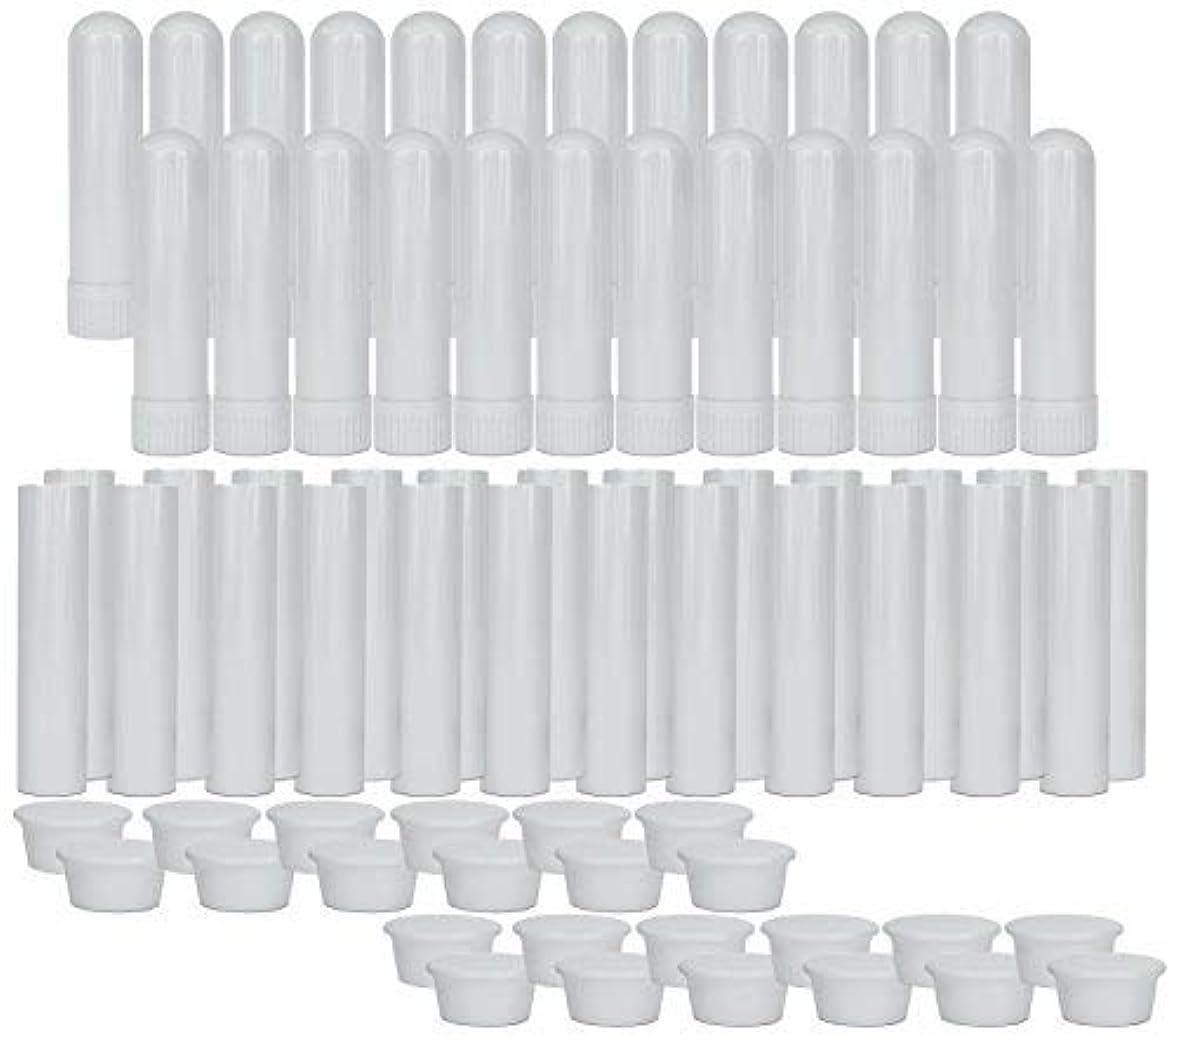 ペルソナドループ解釈的Essential Oil Aromatherapy Blank Nasal Inhaler Tubes (24 Complete Sticks), Empty Nasal Inhalers for Essential Oils [並行輸入品]